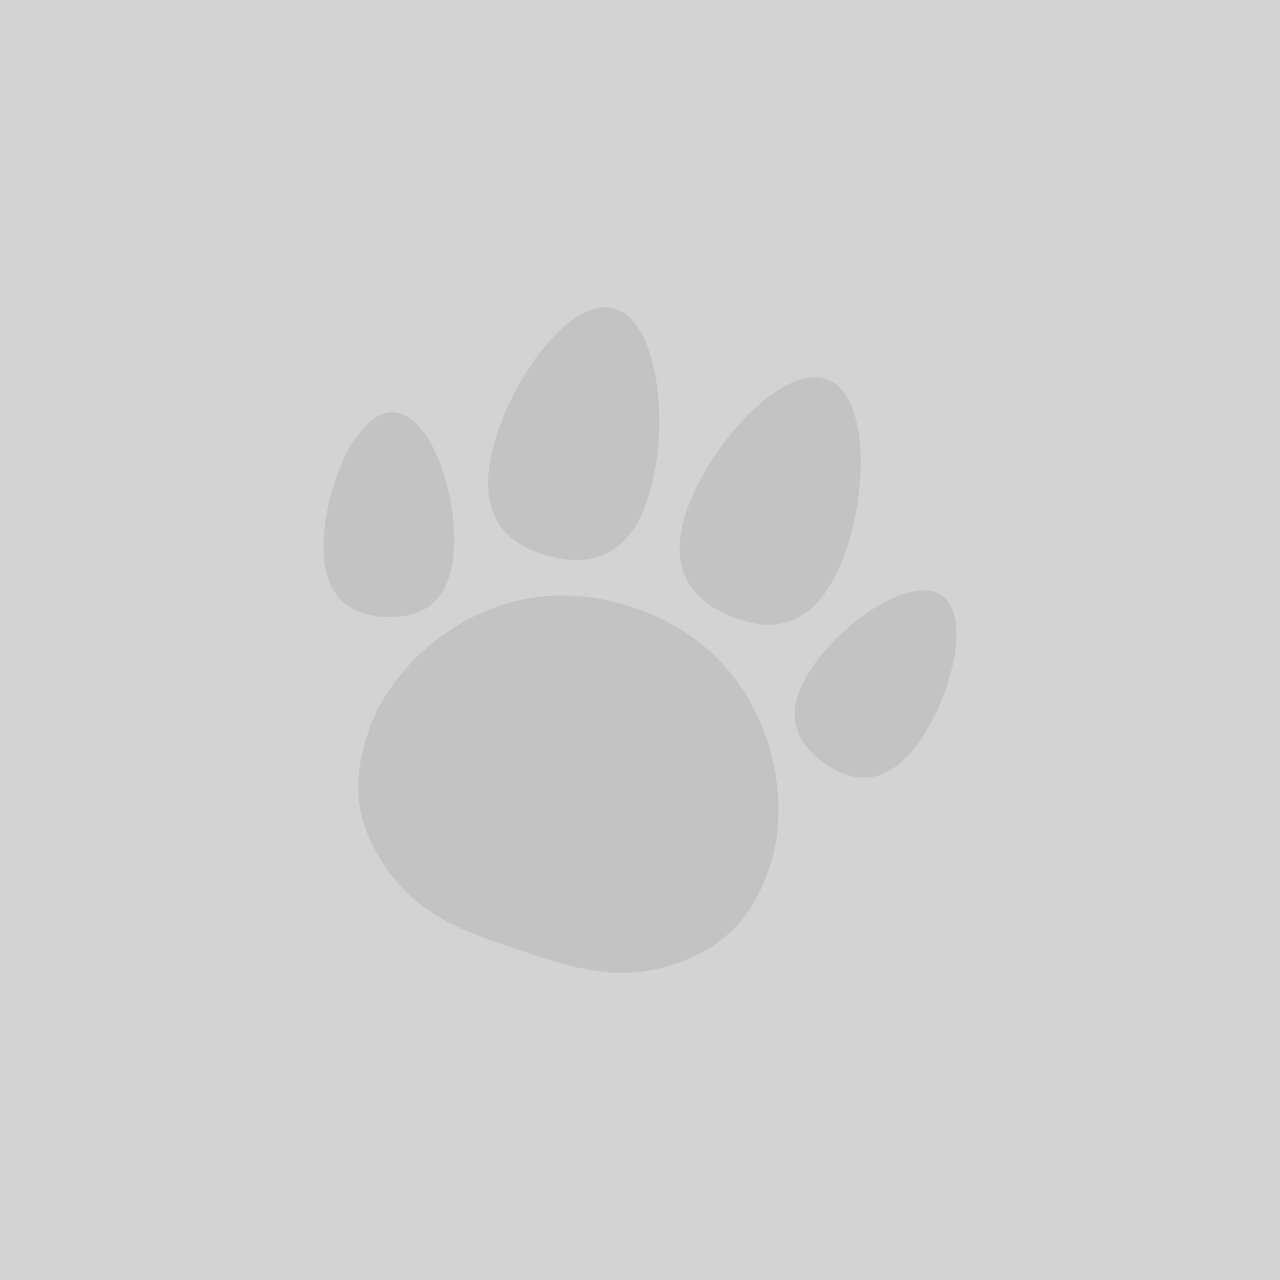 Cheeko Apex Wooden Kennel Giant